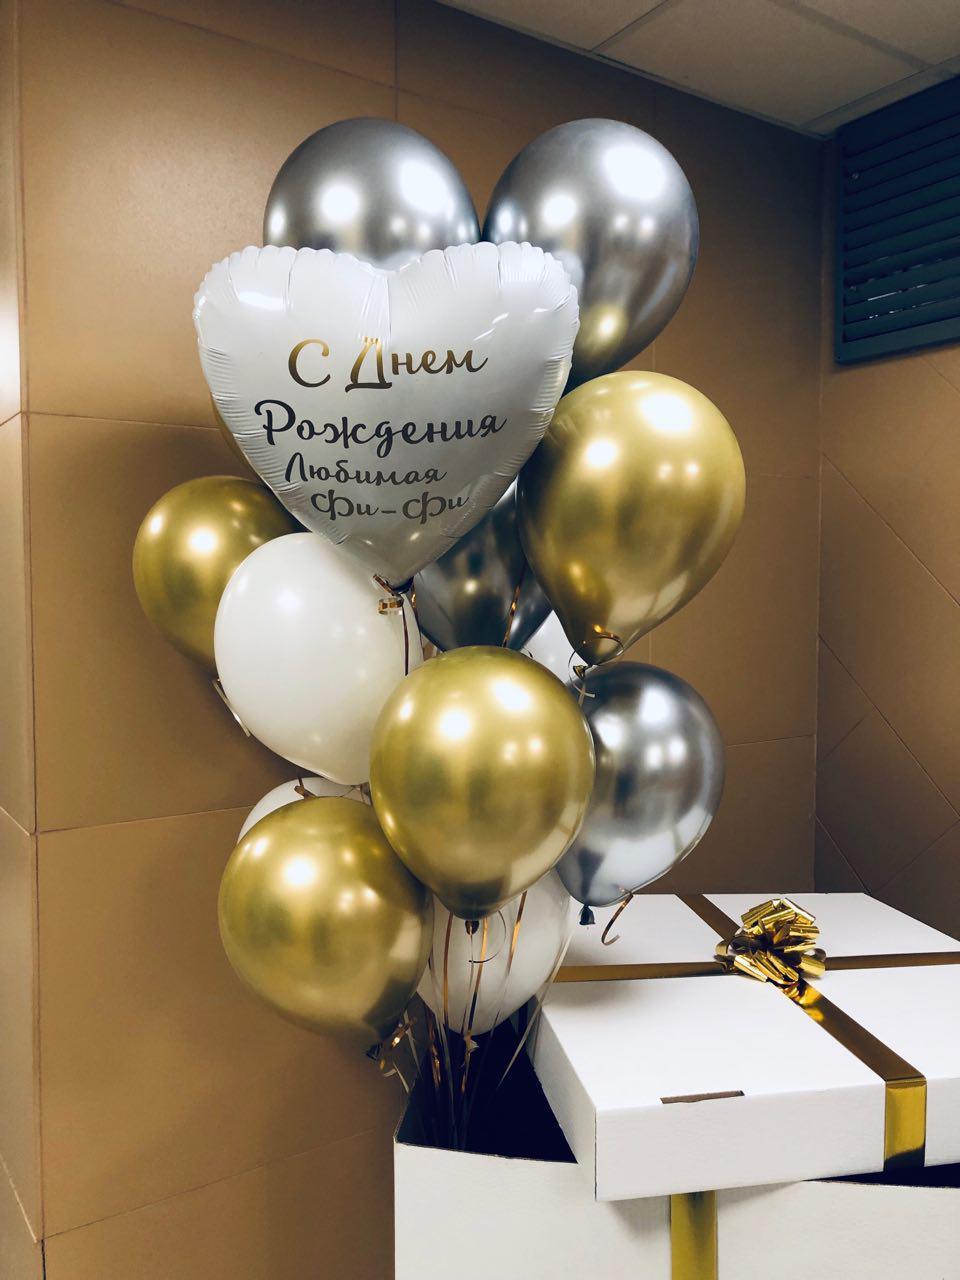 пожелания к подарку из шариков волкодавов током количестве